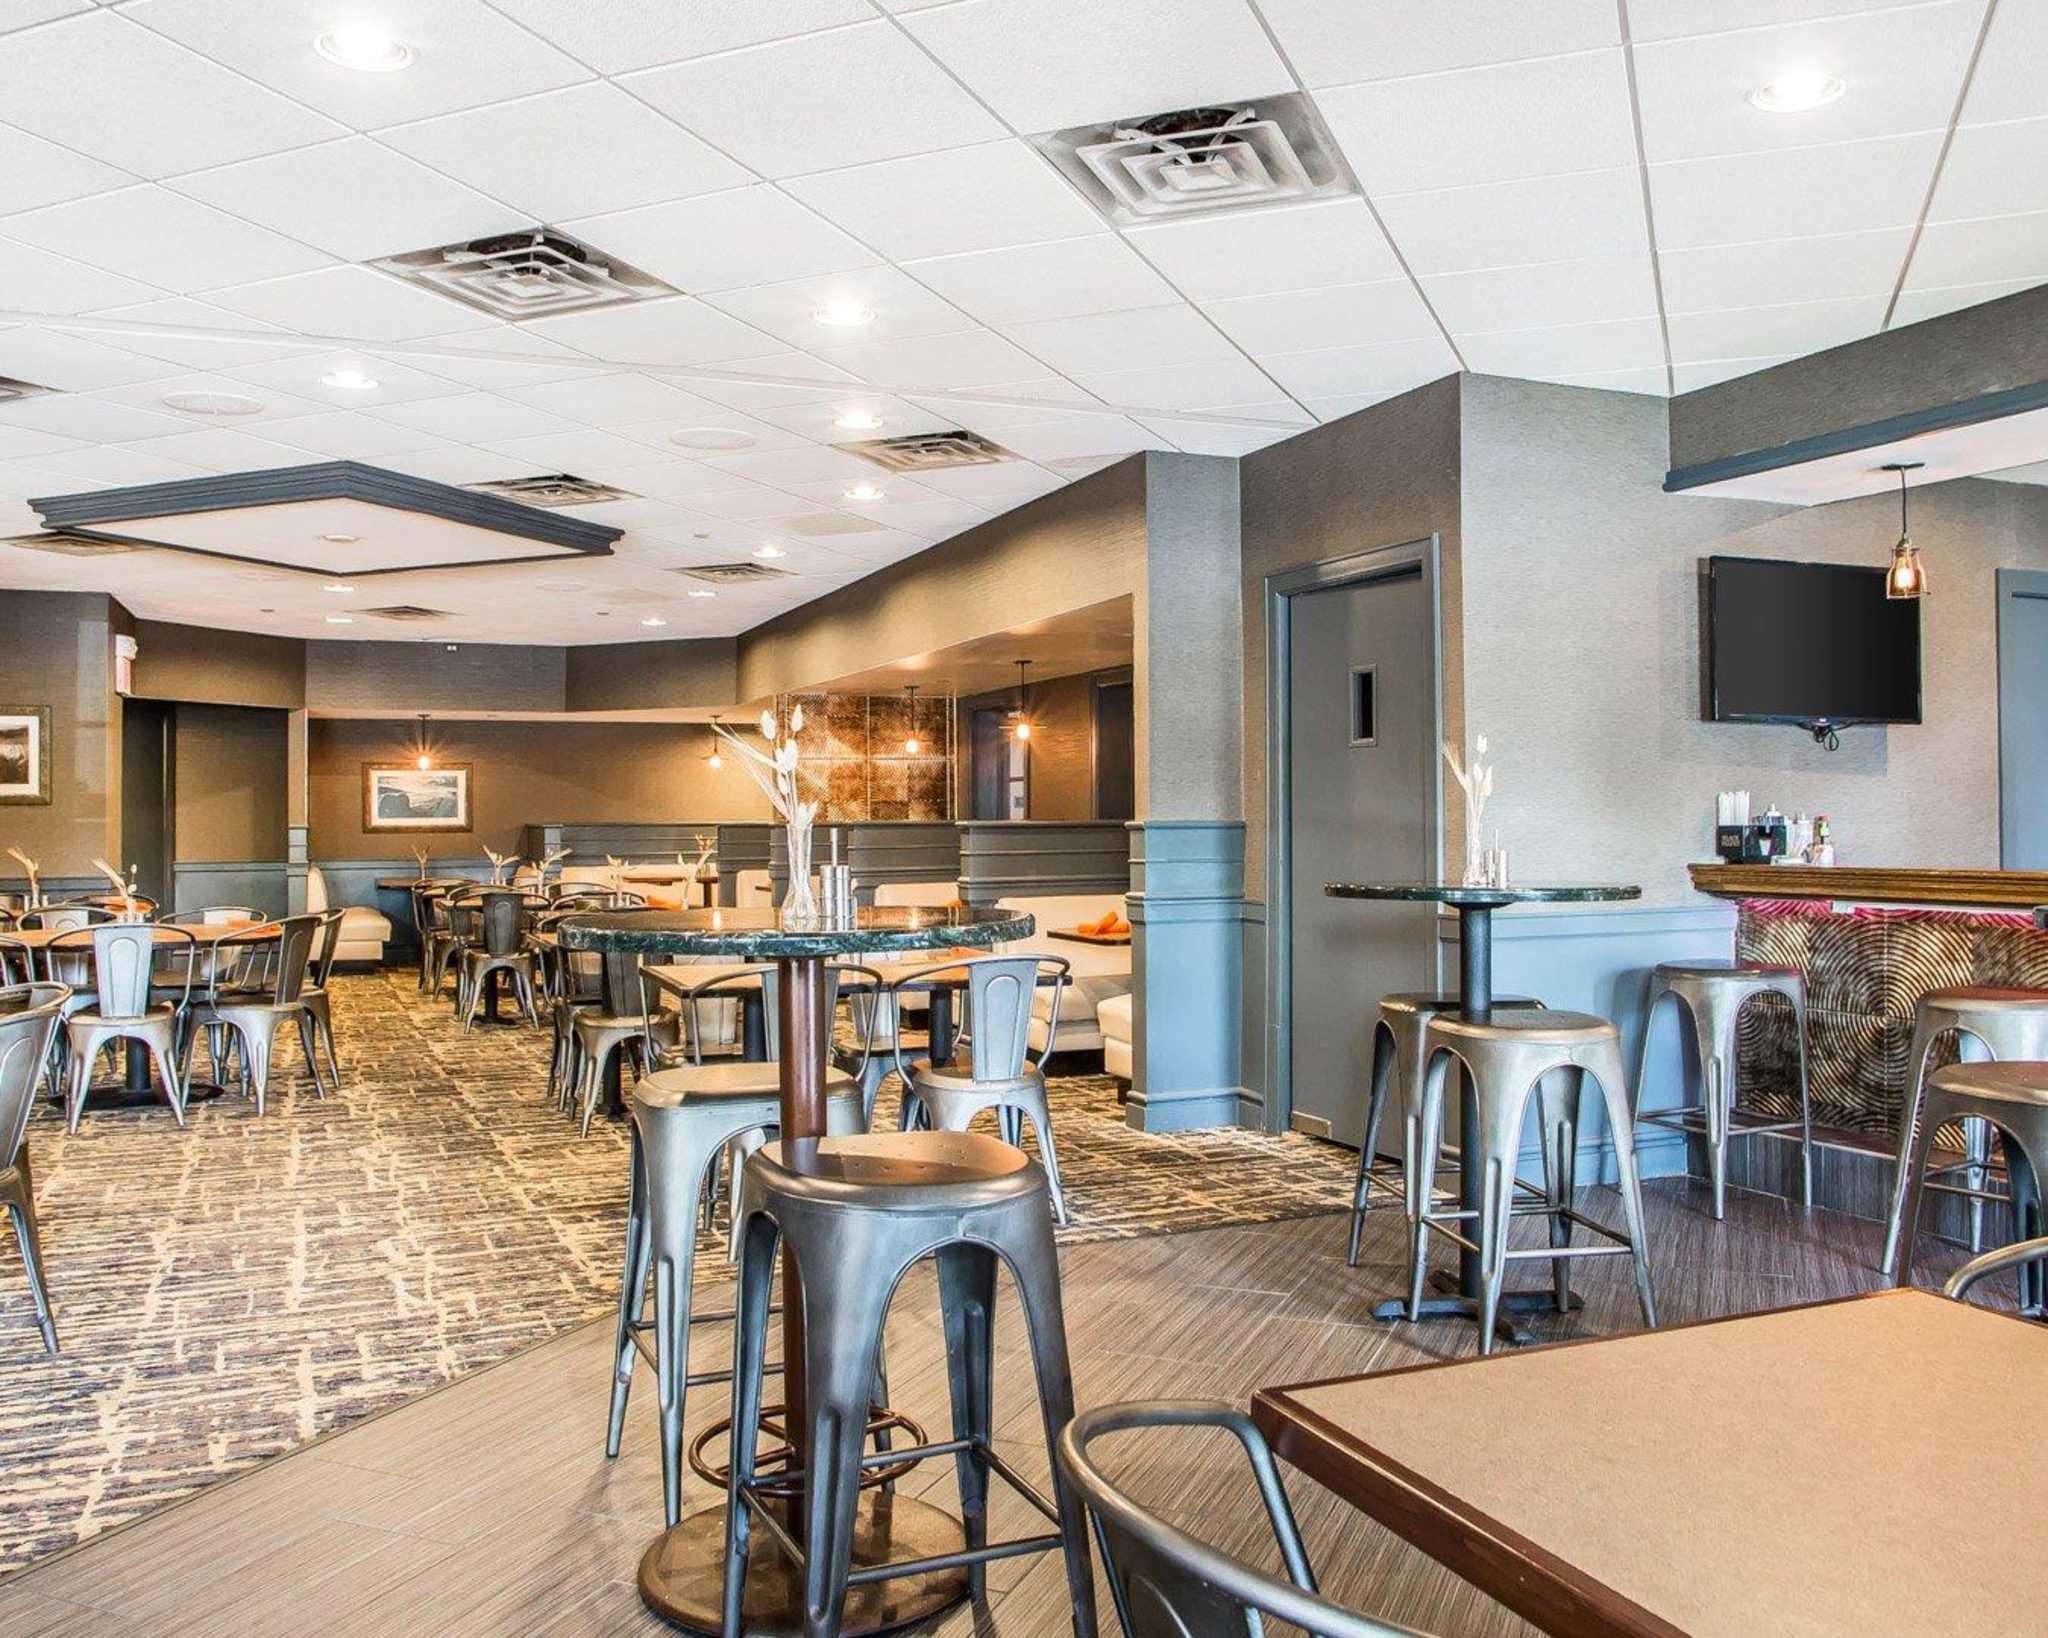 Clarion Hotel Highlander Conference Center image 36